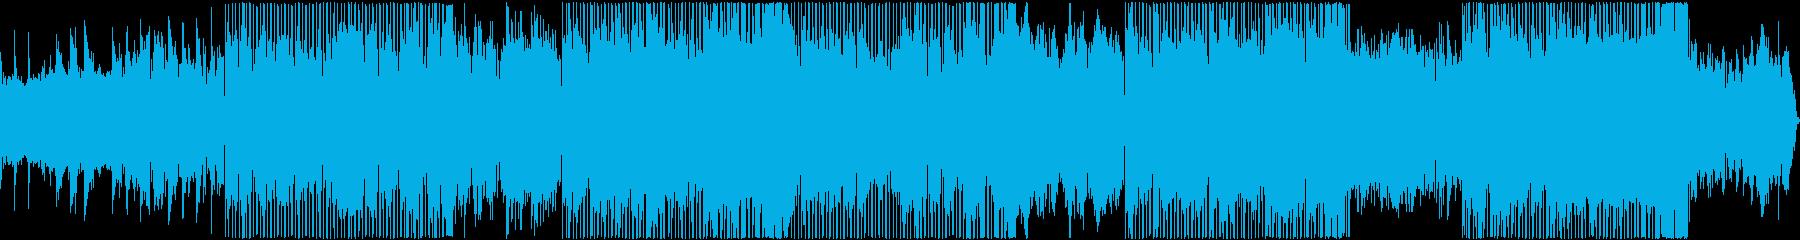 女性が歌う KAWAII系 R&Bポップの再生済みの波形